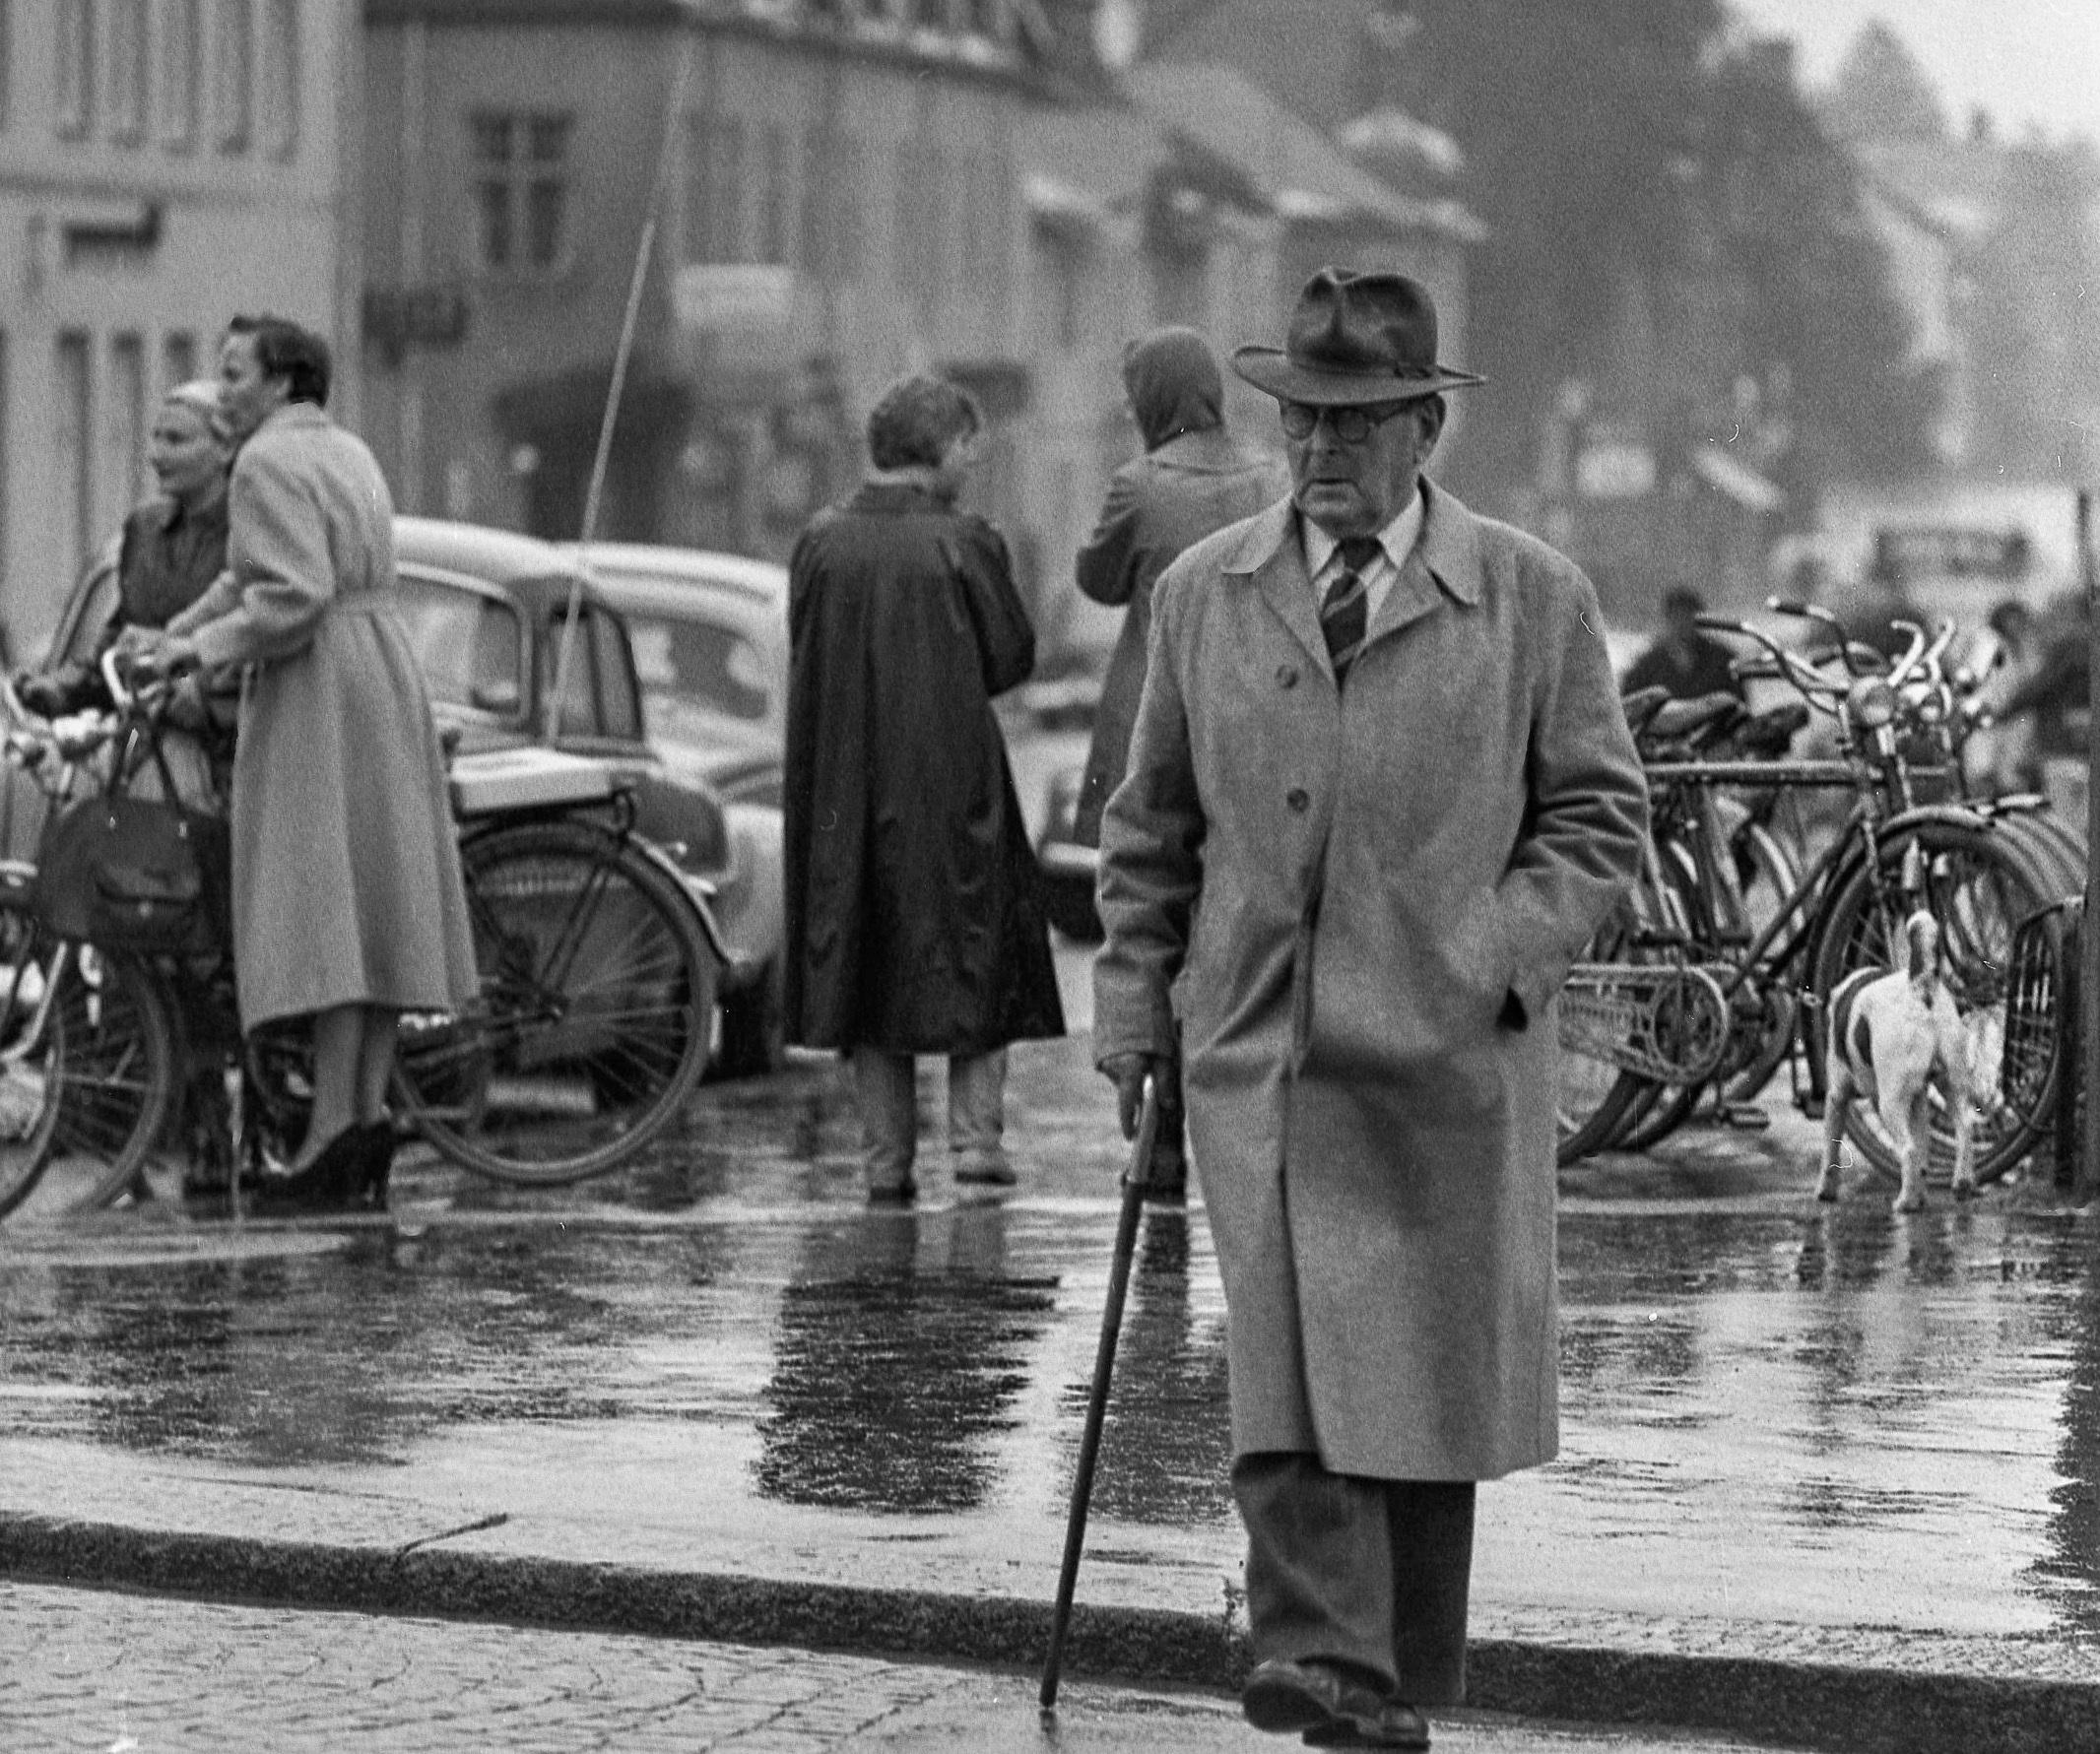 ludvika guys Lidl sverige, anderstorpsvägen 22  nyligen fick jag veta att ni har en person som är öppet nazist som anställd i ludvika,  men man måste lära sig att.